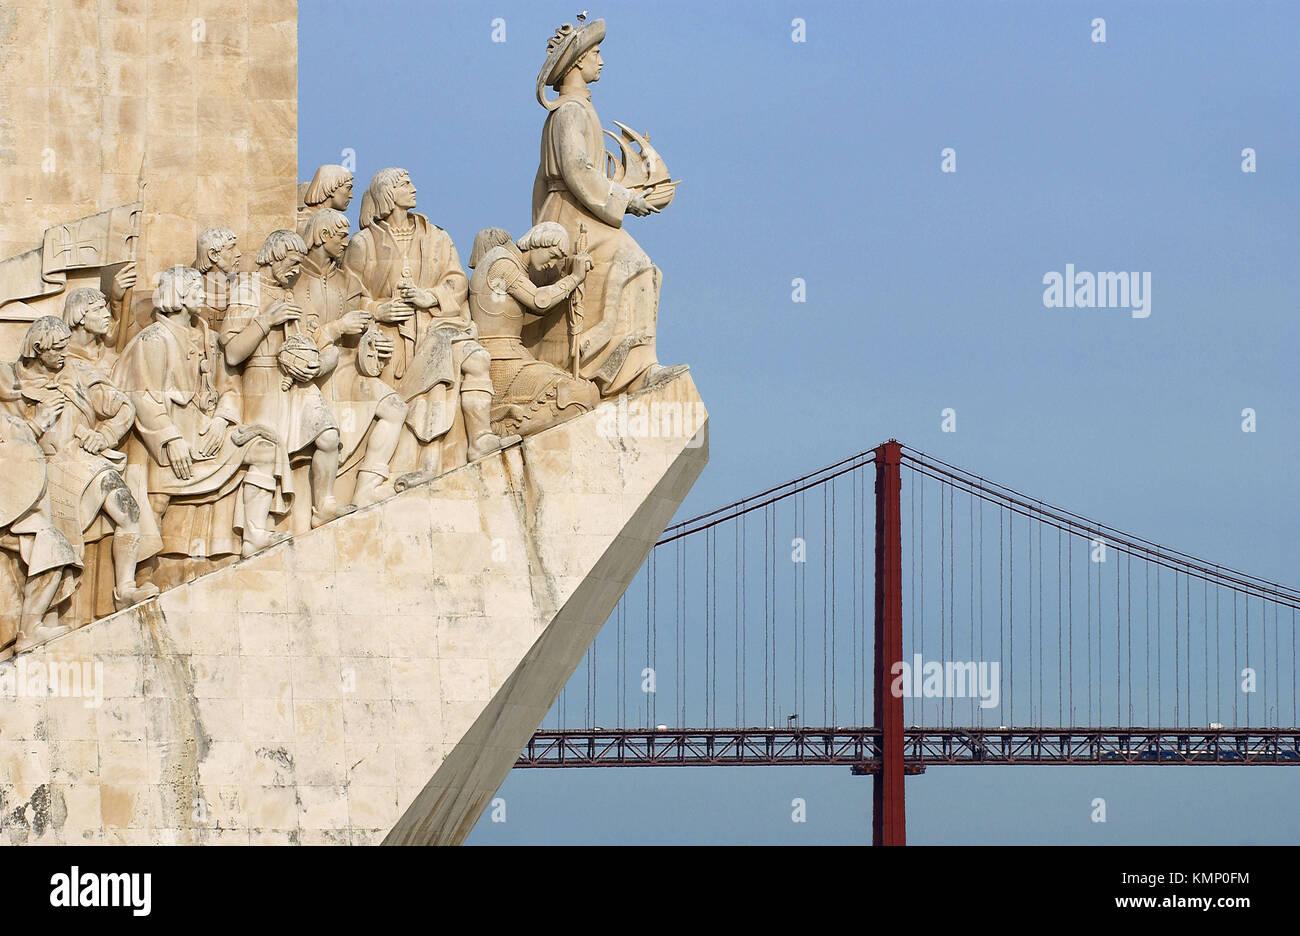 Il Monumento delle Scoperte e Aprile 25 Bridge, Lisbona. Portogallo Immagini Stock